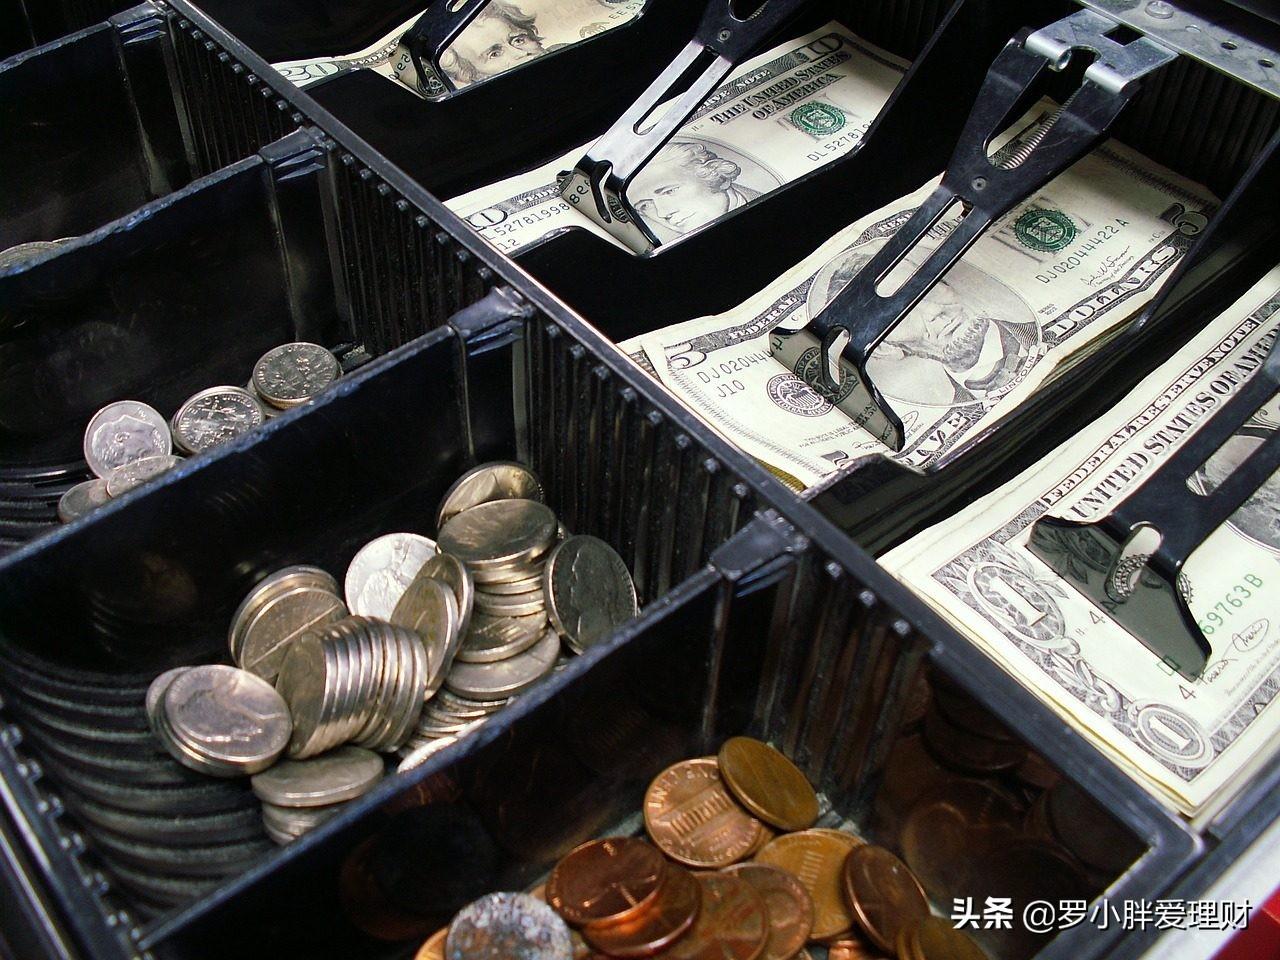 淘宝分期付款是扣全款(分期购买为什么全扣完了)